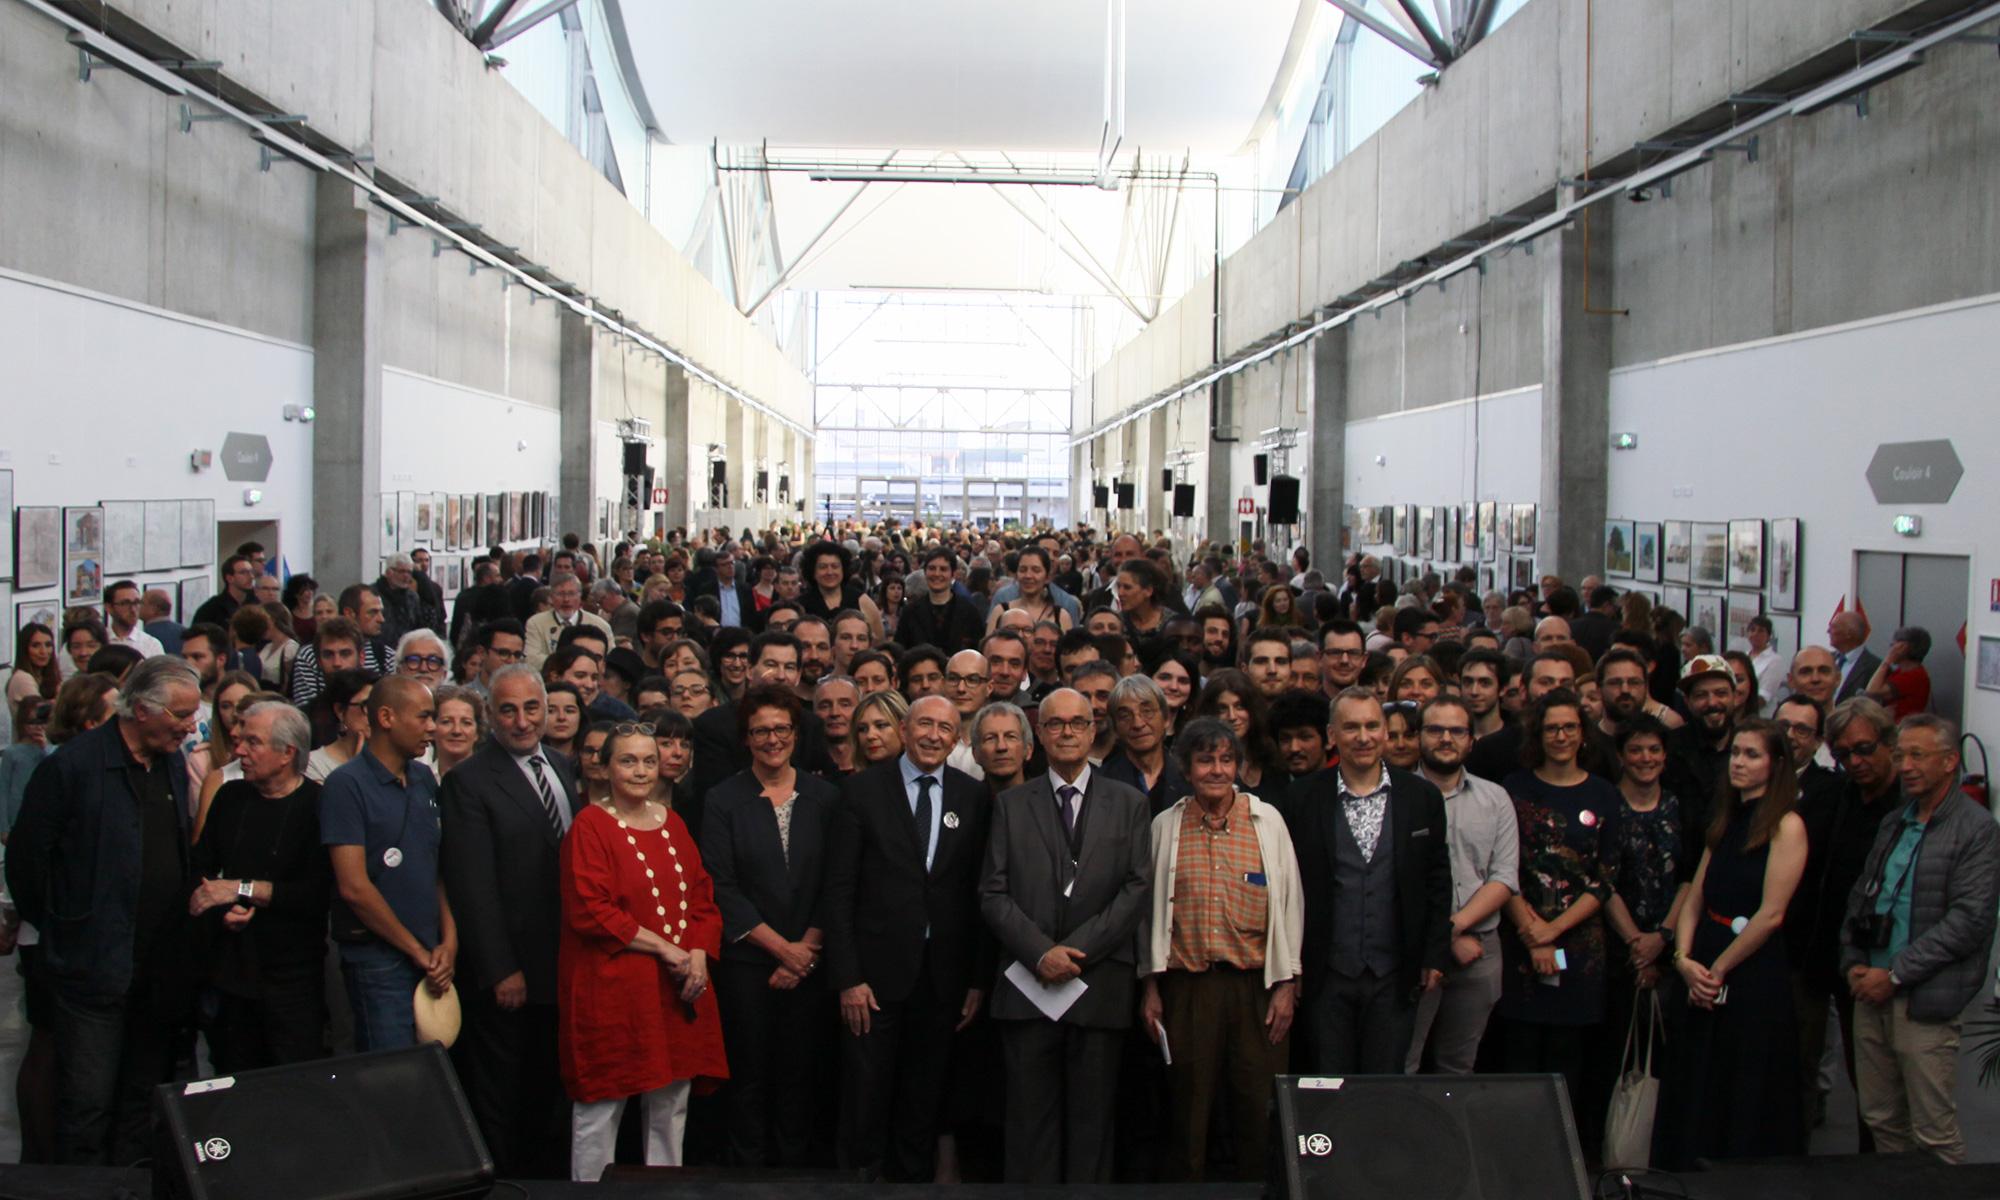 Événement // Inauguration de la nouvelle École Émile Cohl